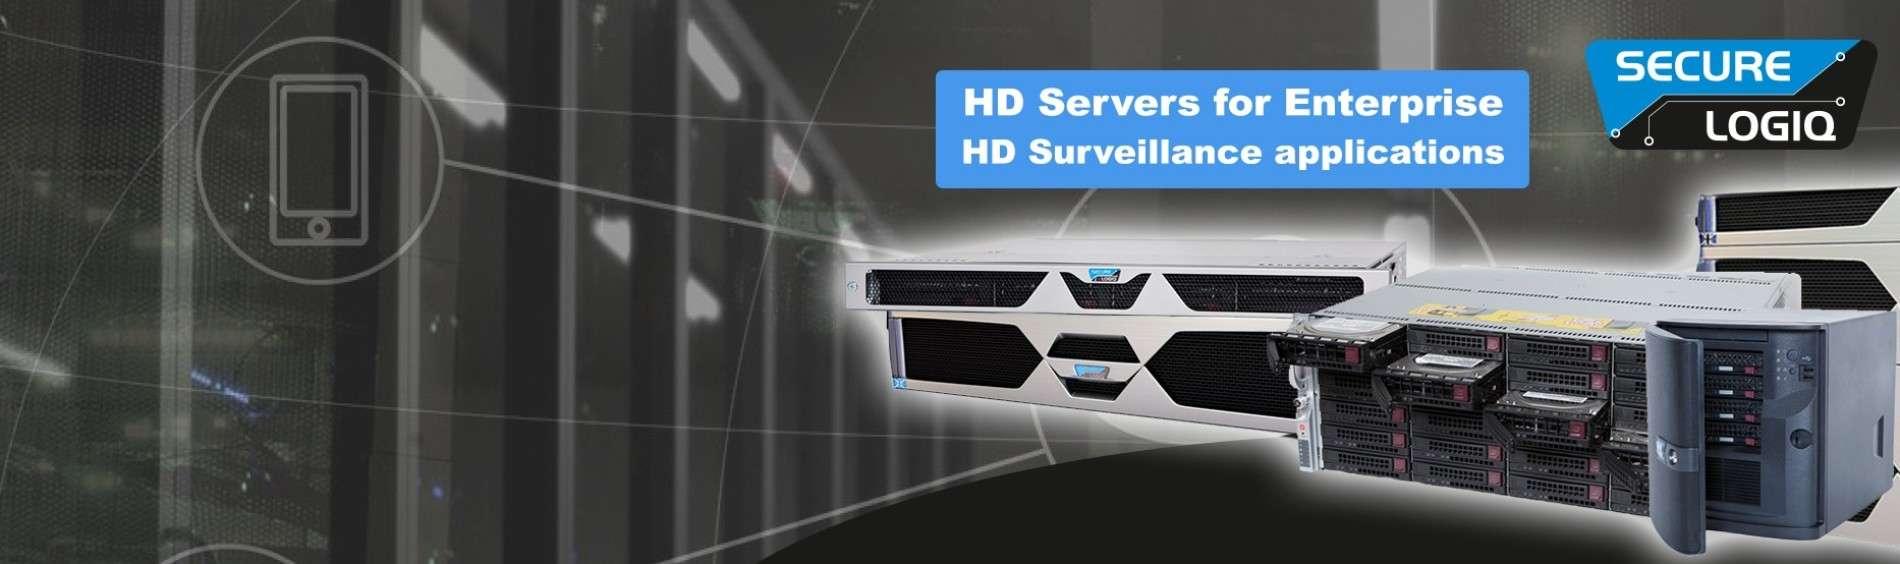 SECURE LOGIQ : <BR>Optimisez votre système <BR> de surveillance